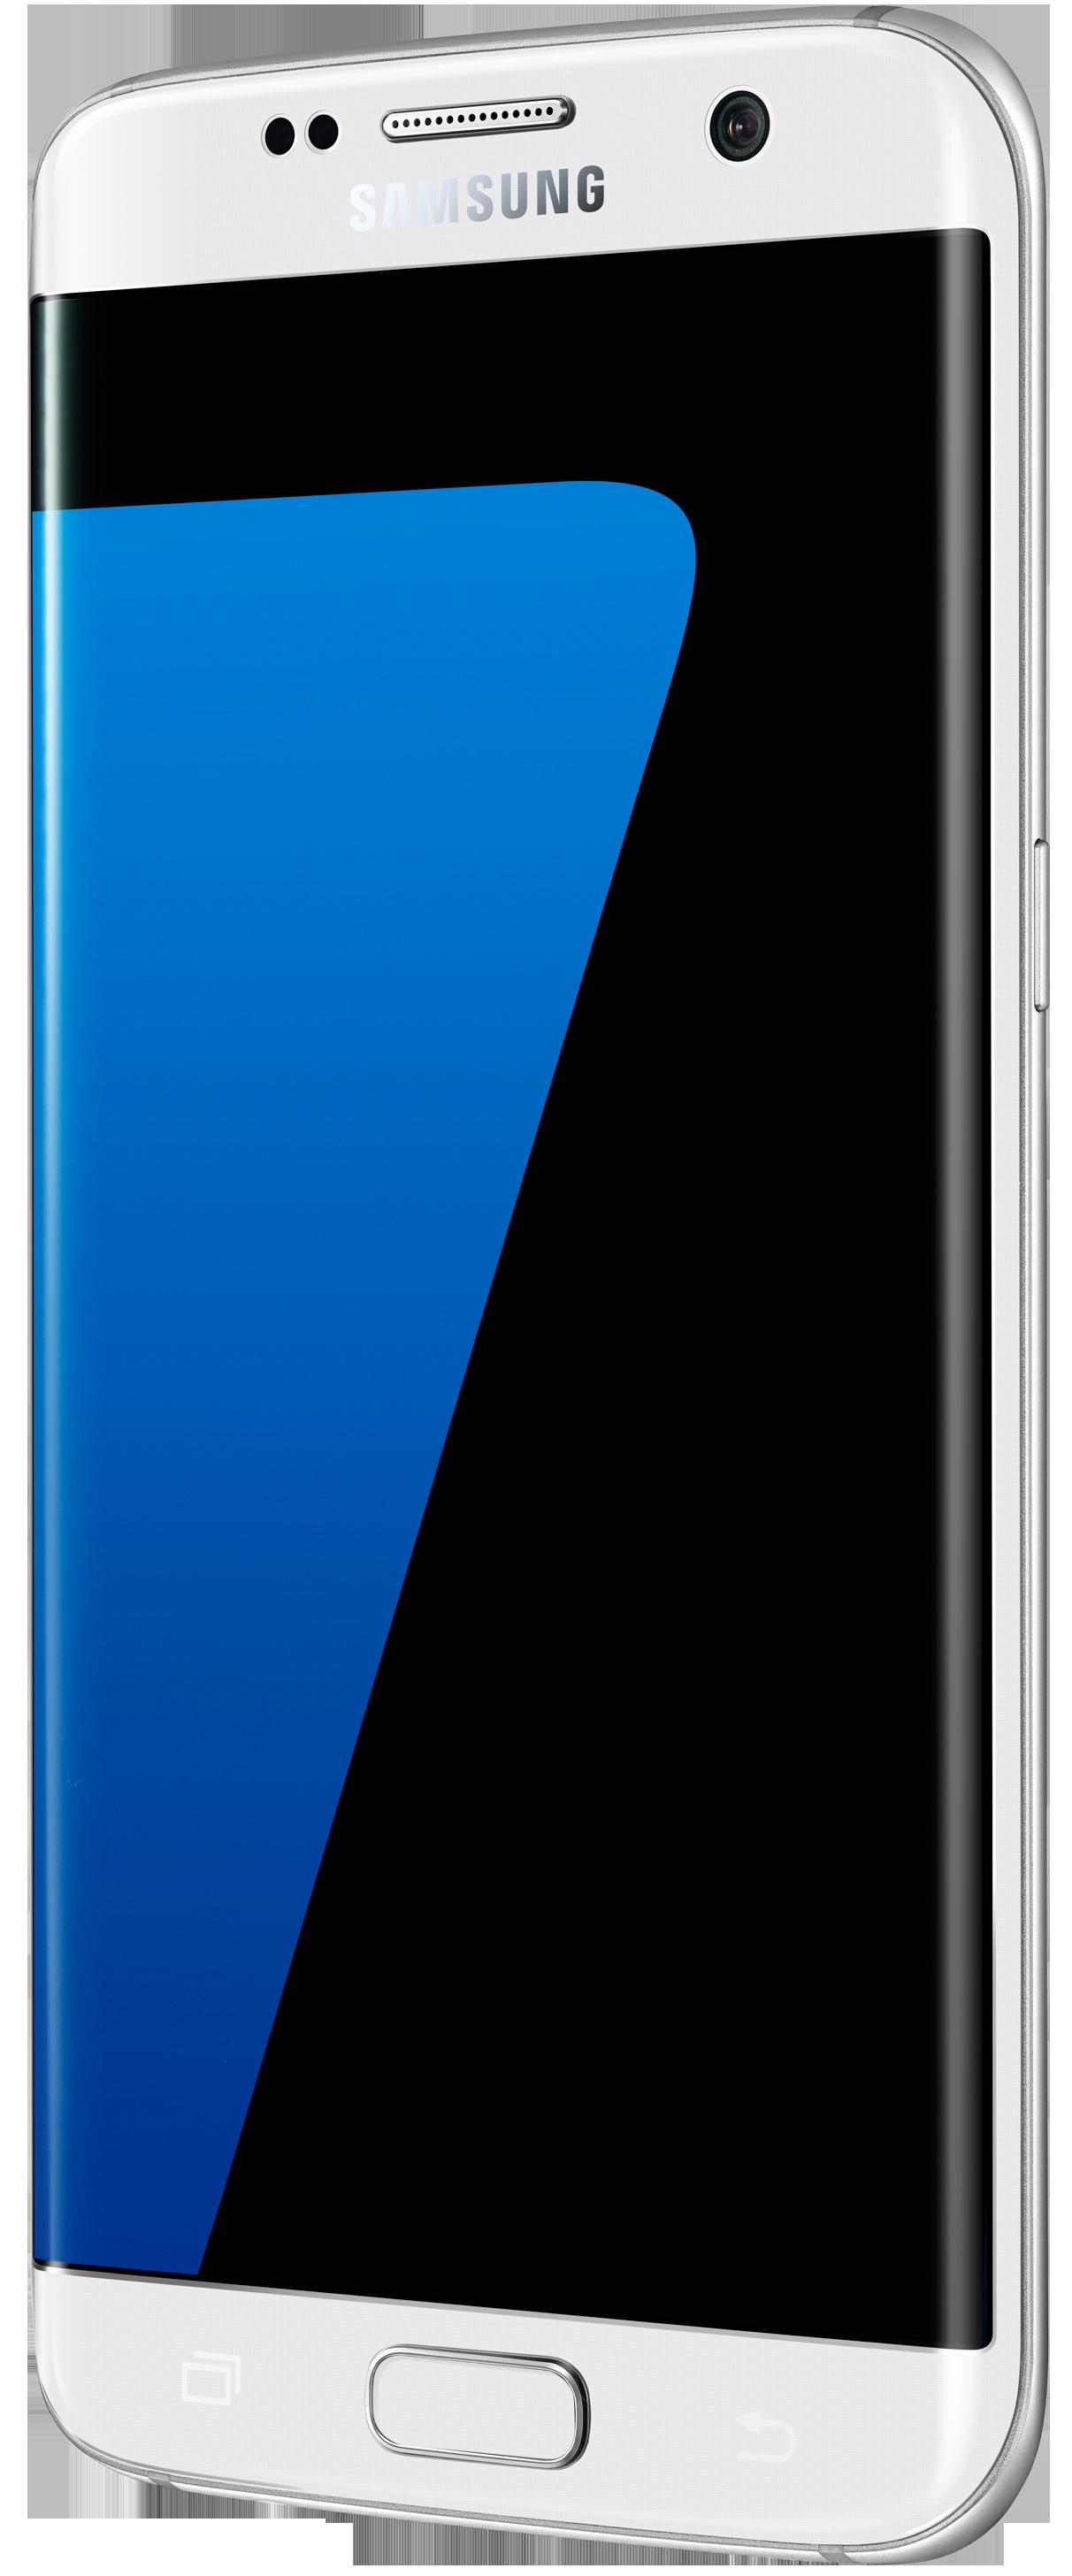 samsung galaxy s7 edge android smartphone 32 gb speicher weiss g nstig kaufen samsung. Black Bedroom Furniture Sets. Home Design Ideas